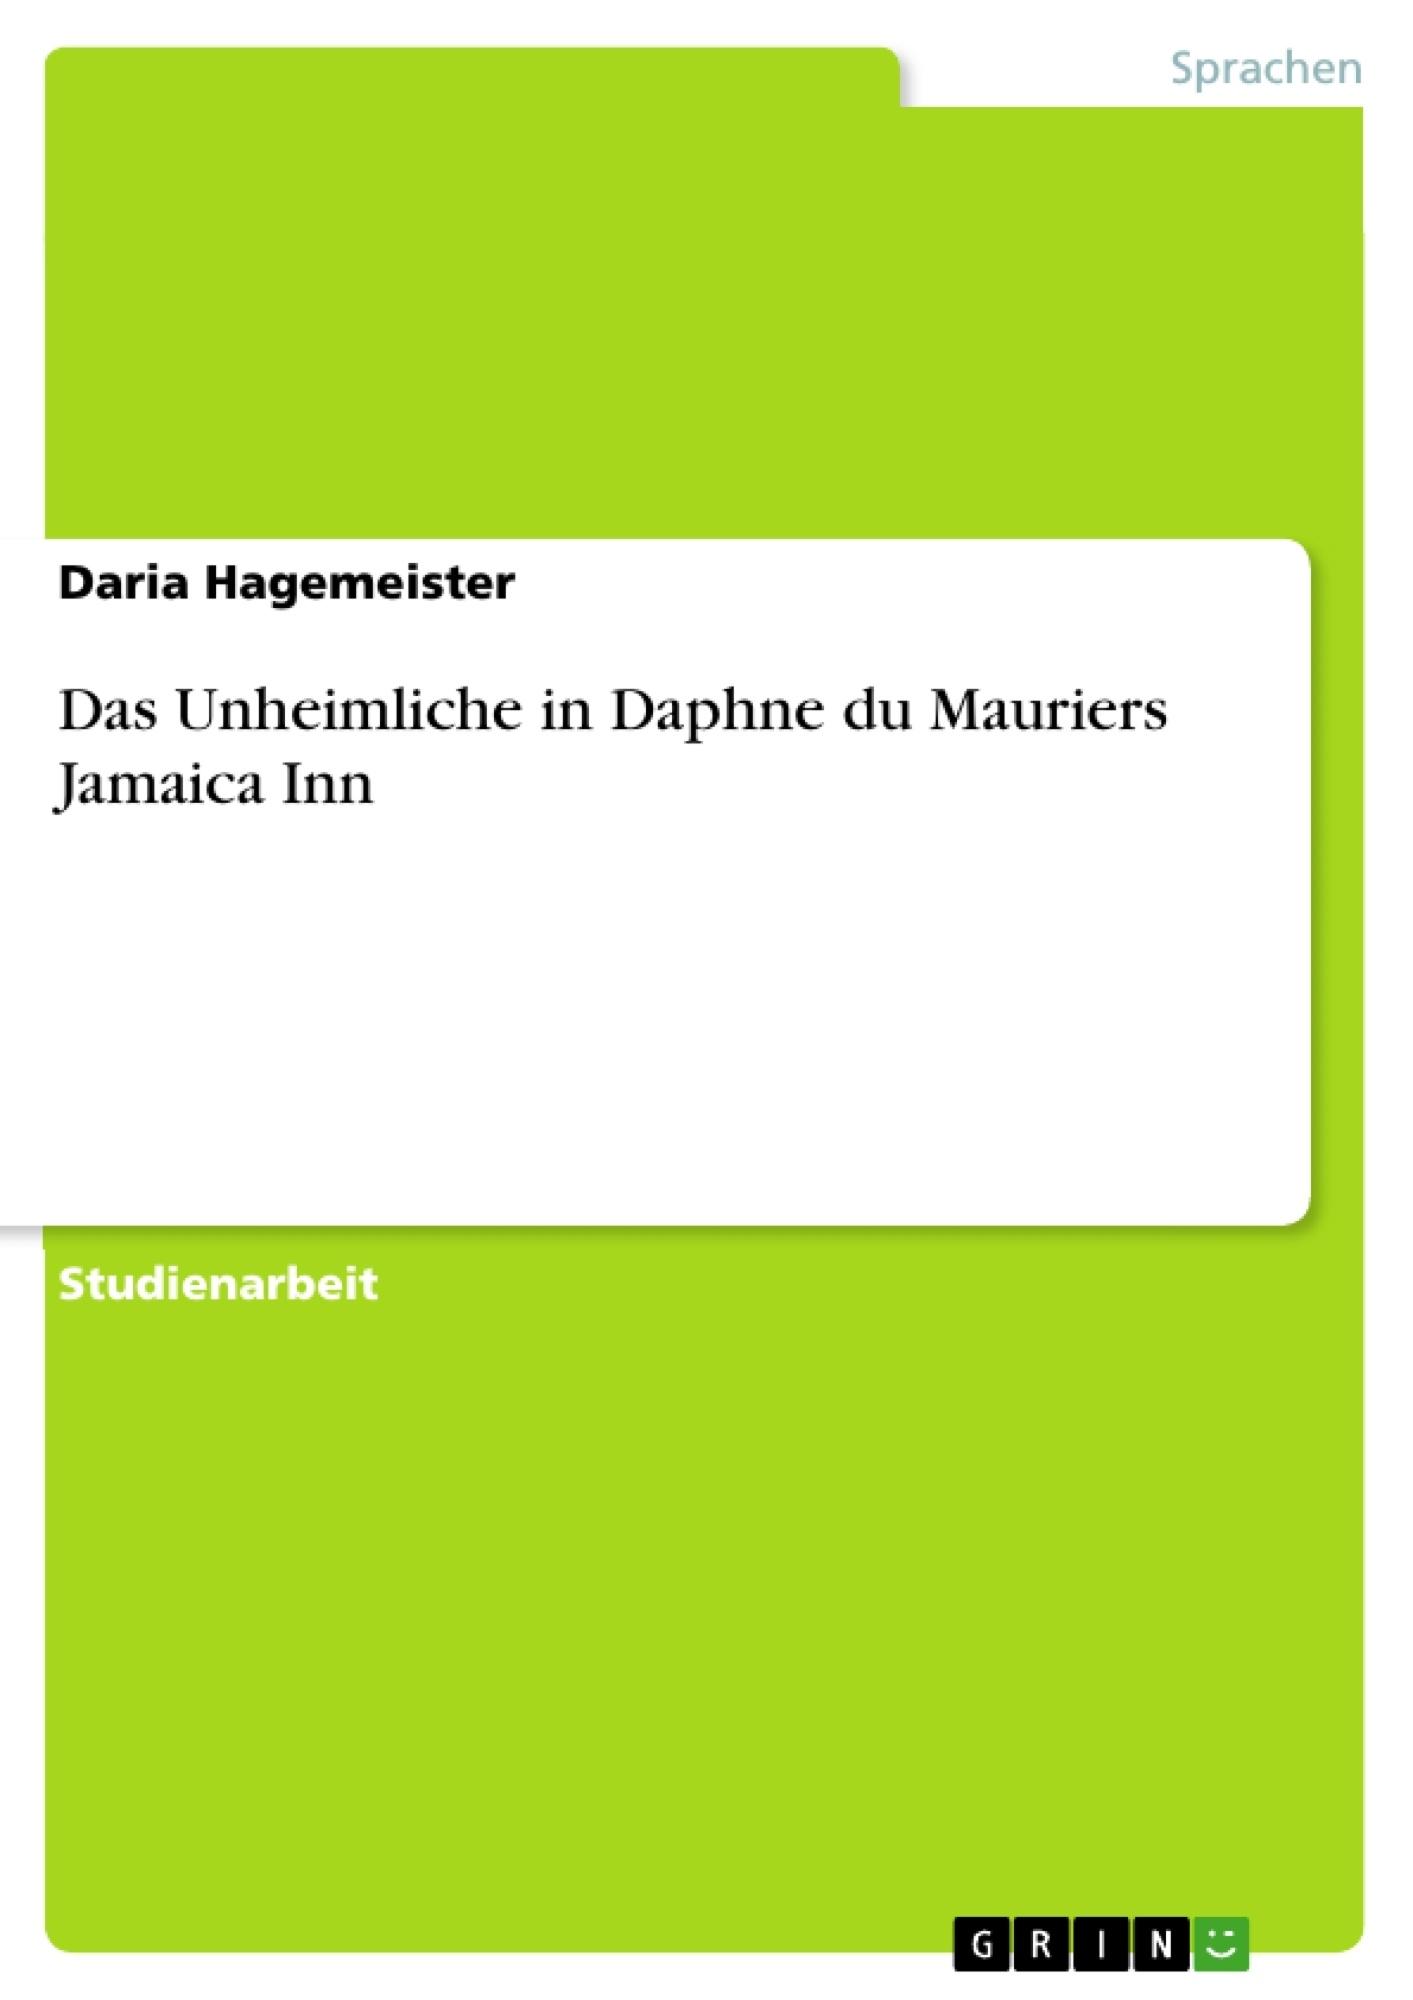 Titel: Das Unheimliche in Daphne du Mauriers Jamaica Inn